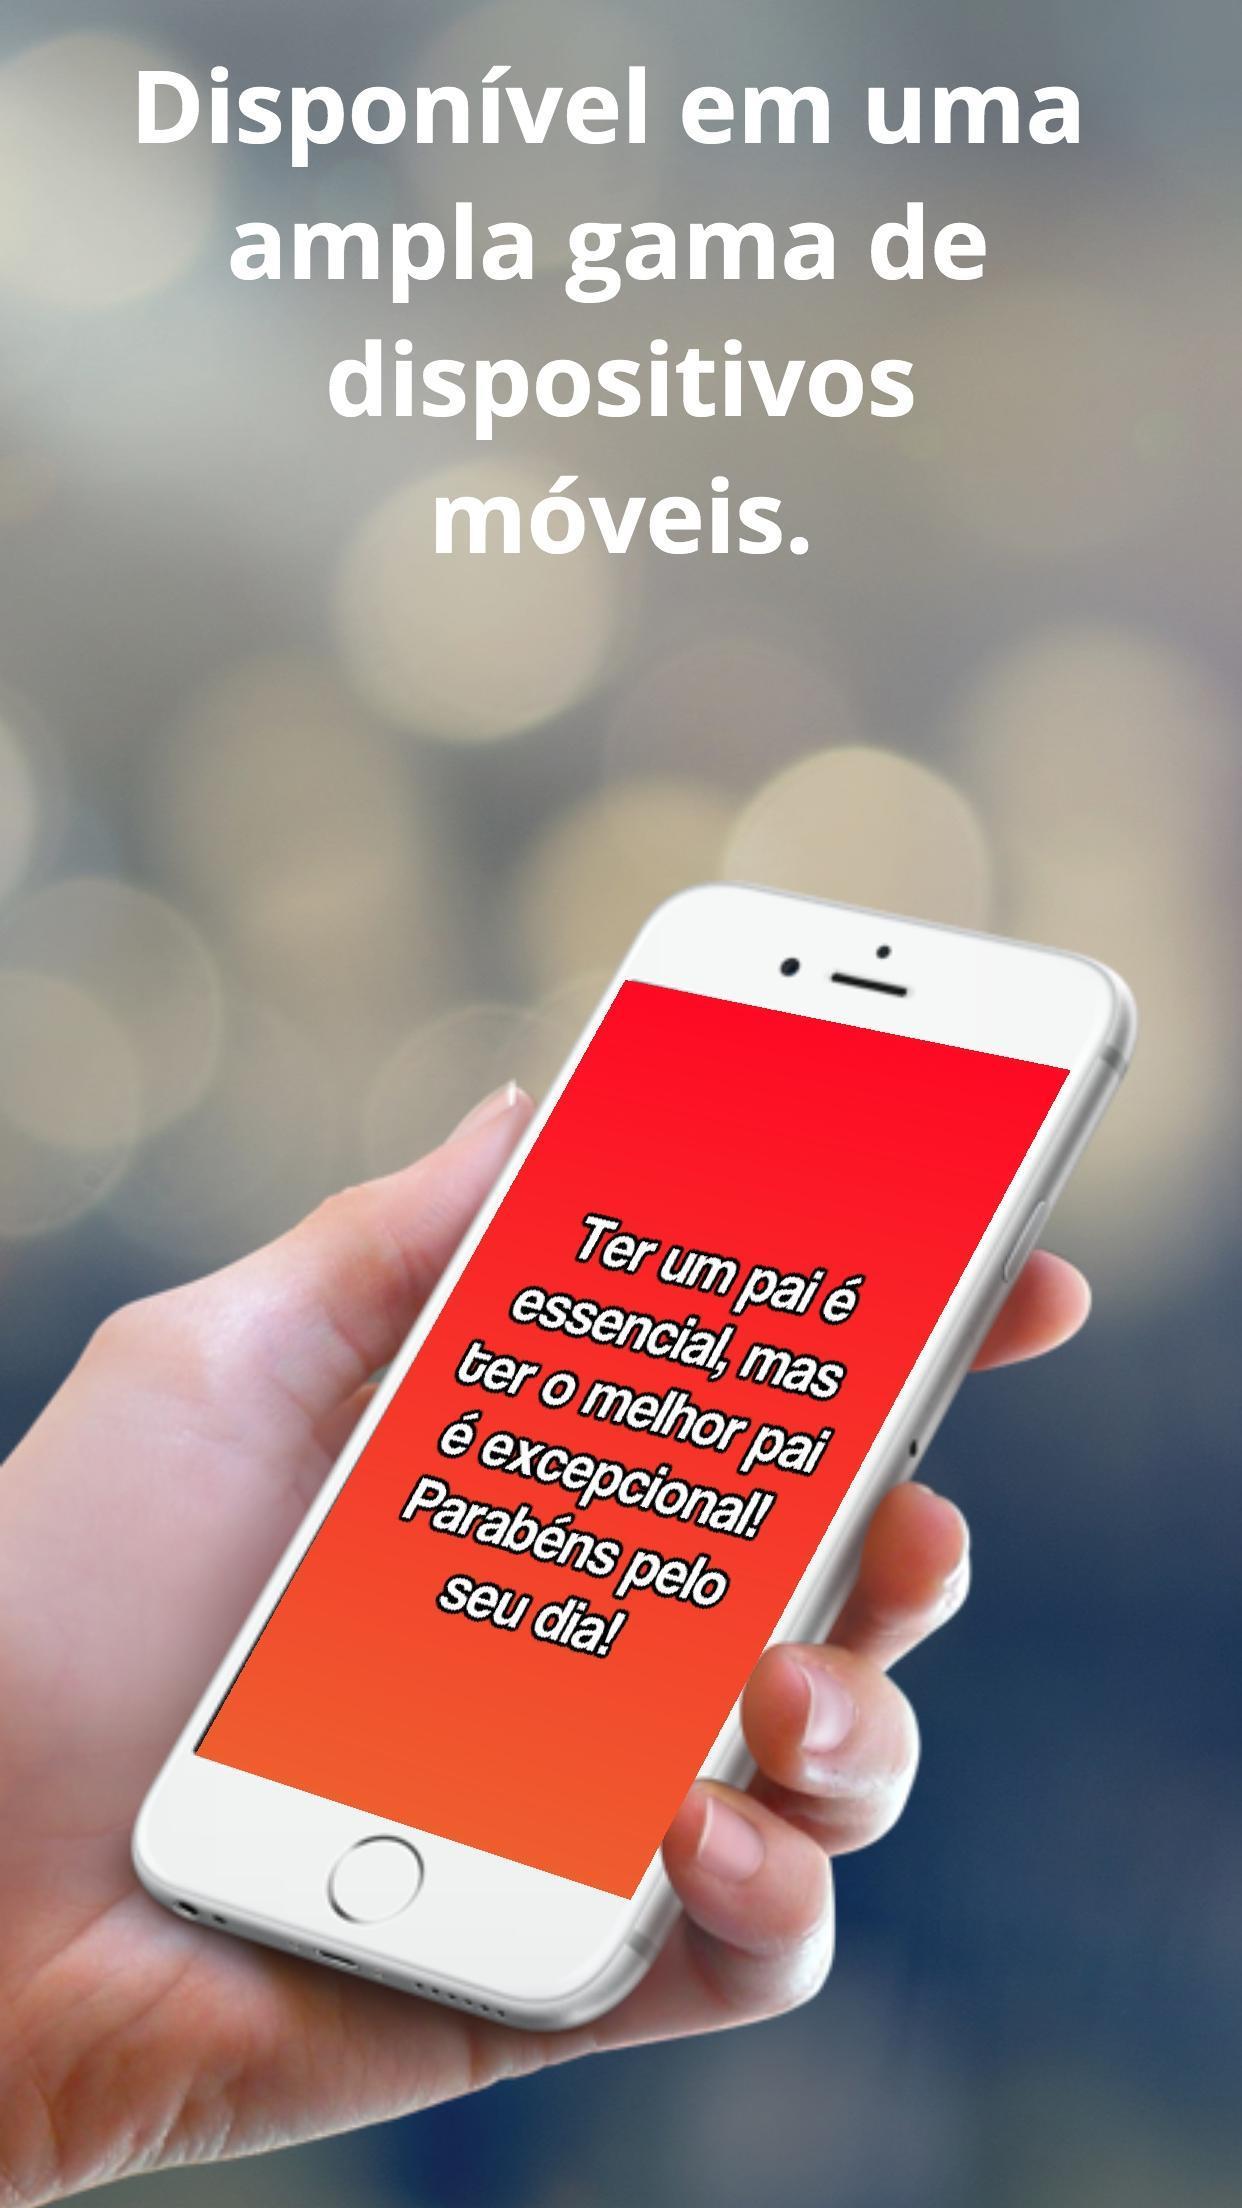 Frases De Dia Dos Pais For Android Apk Download